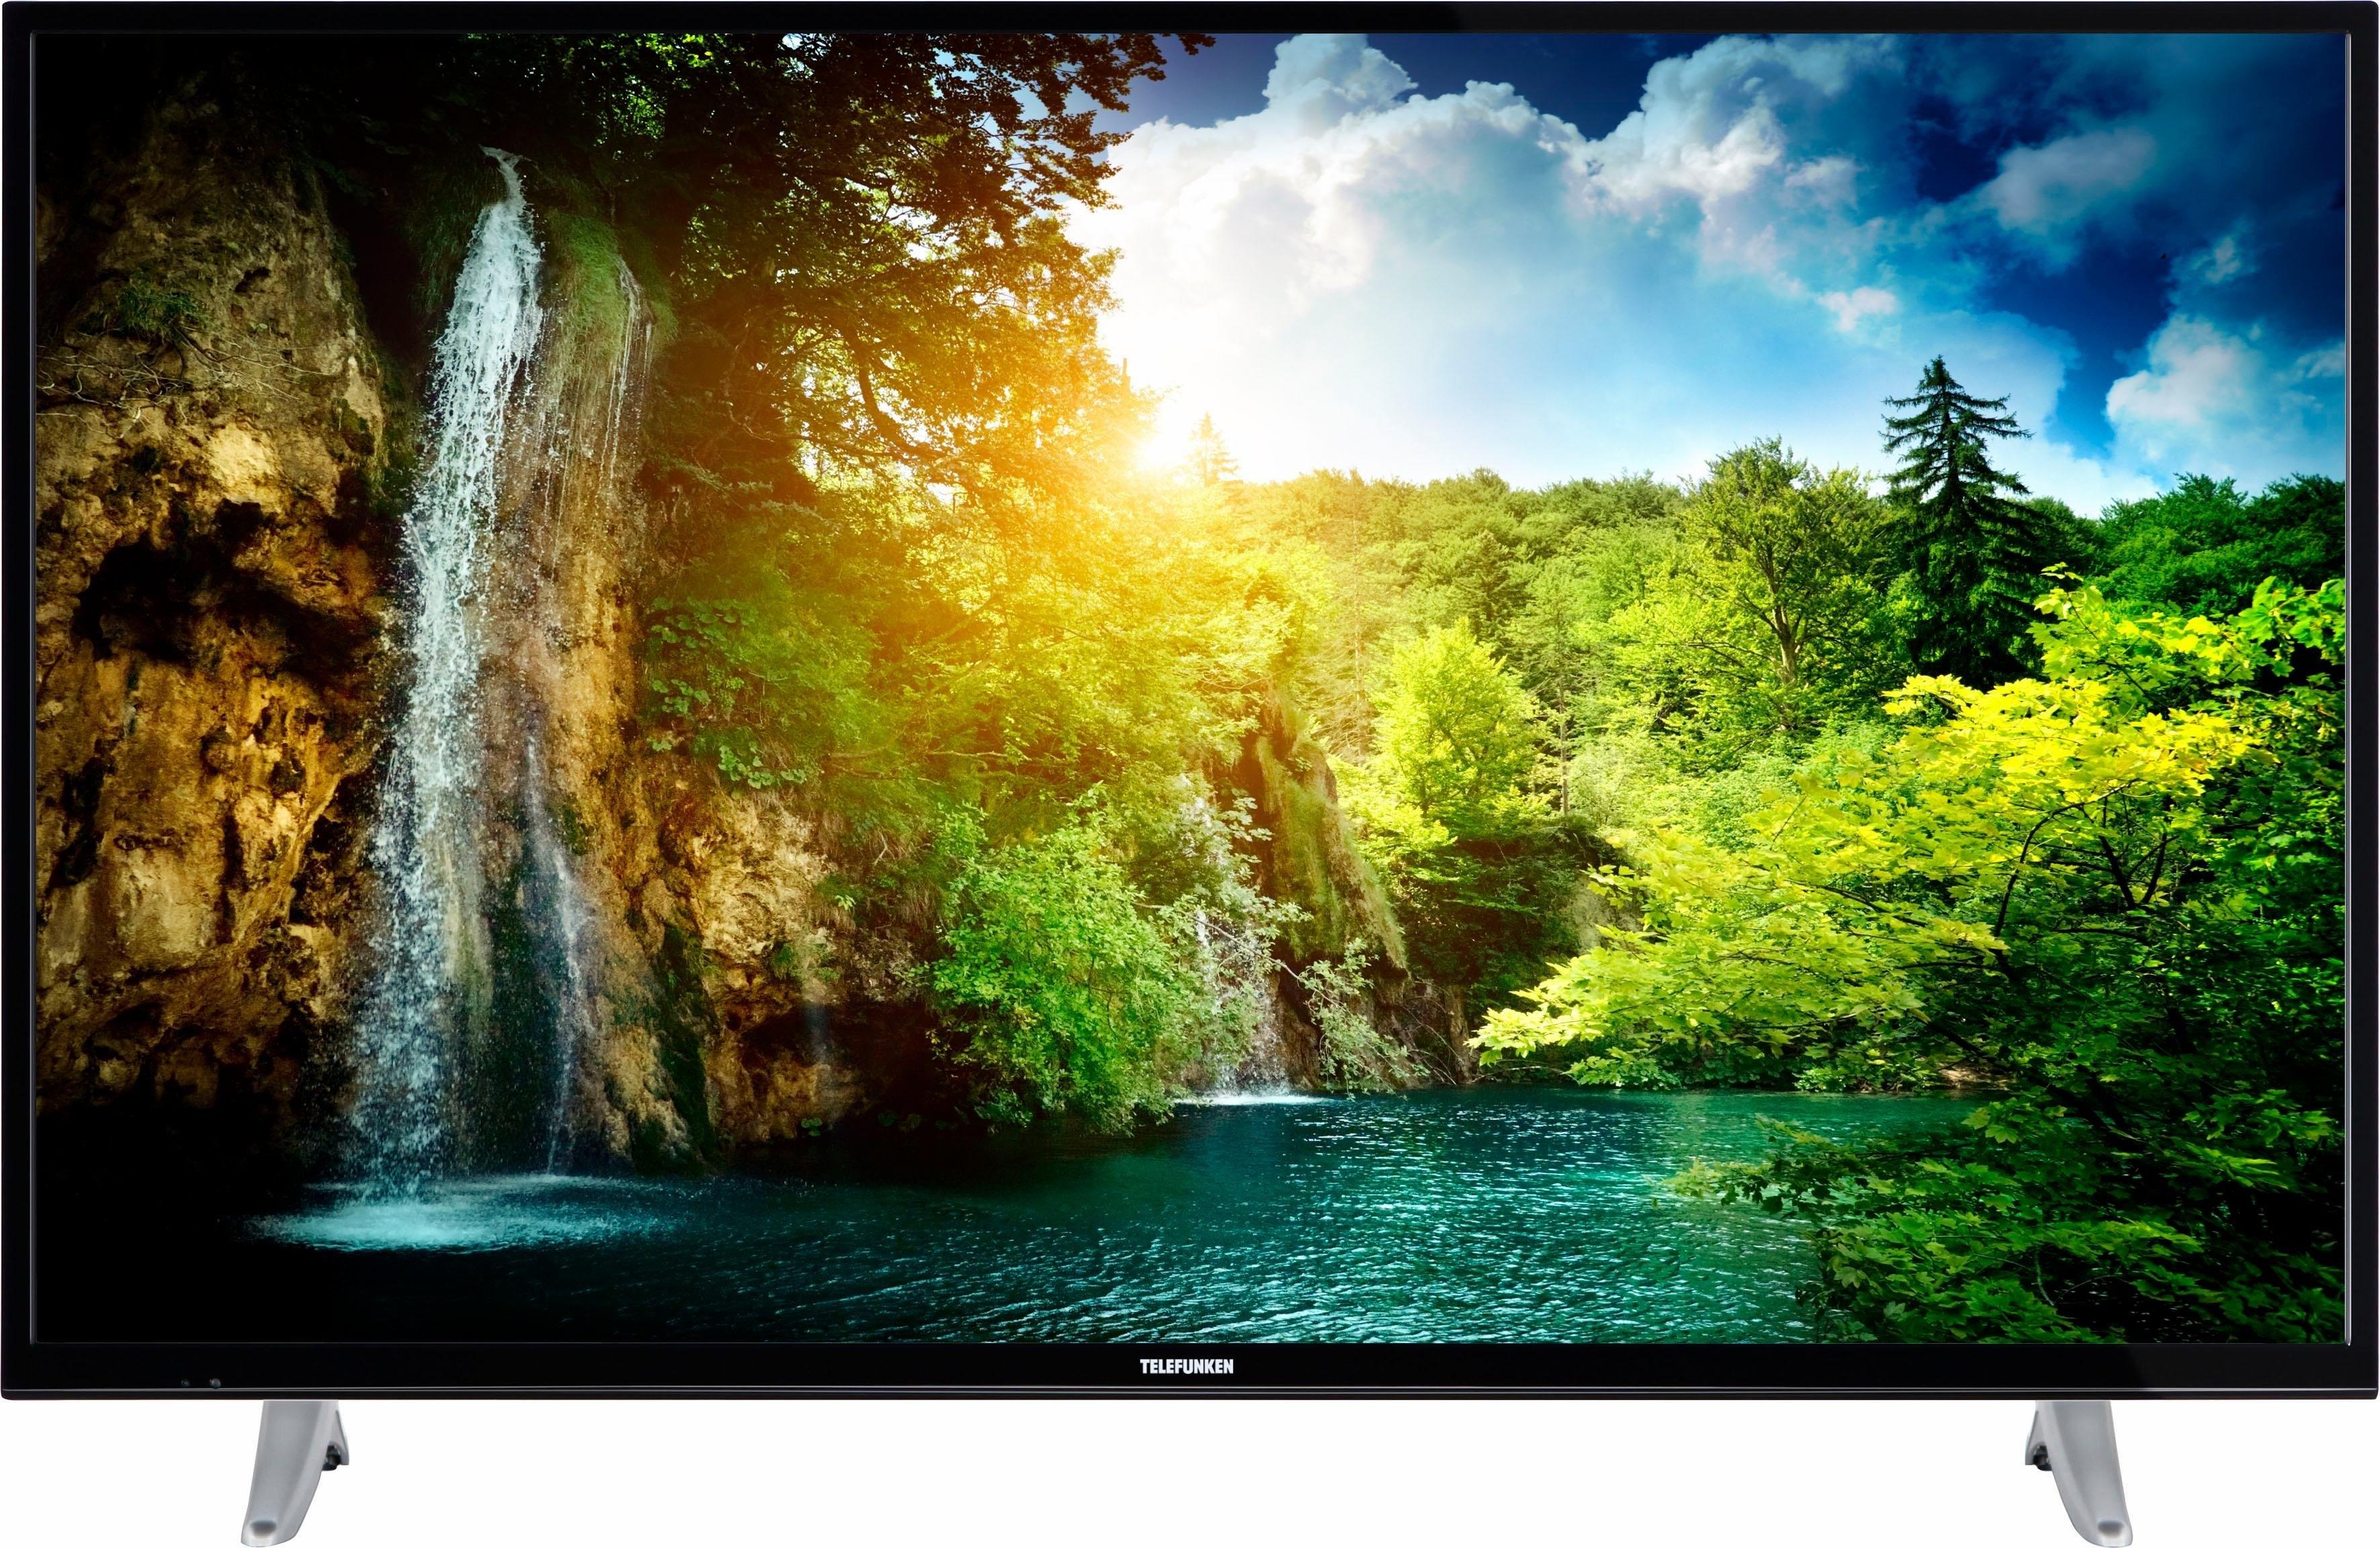 Telefunken D50U600M4CW led-tv (127 cm / 50 inch), 4K Ultra HD, smart-tv goedkoop op otto.nl kopen